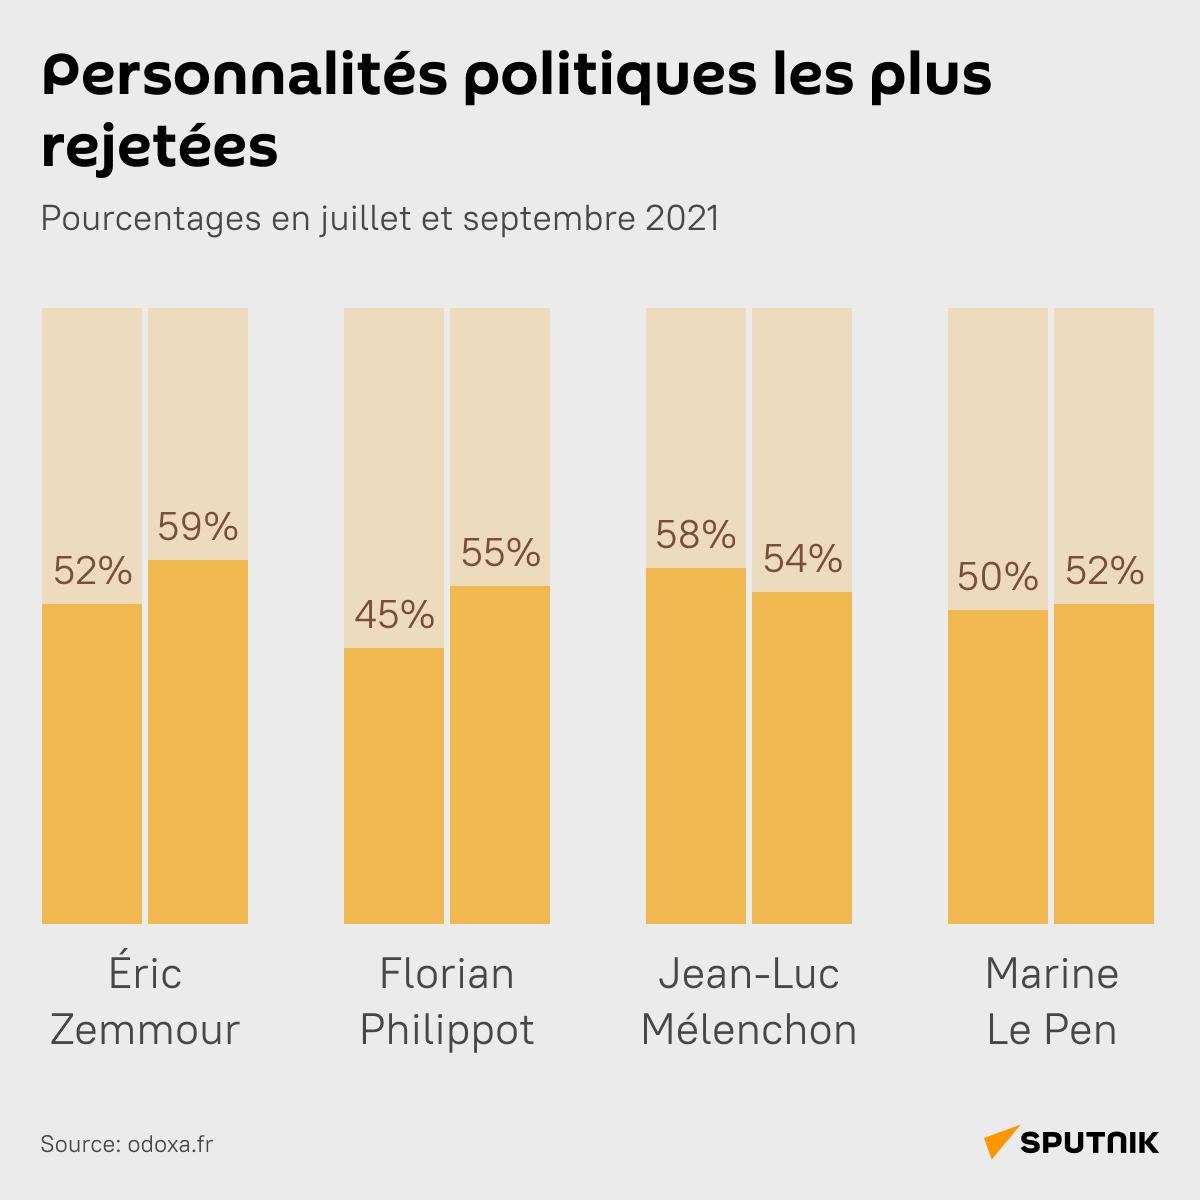 Personnalités politiques les plus rejetées - Sputnik France